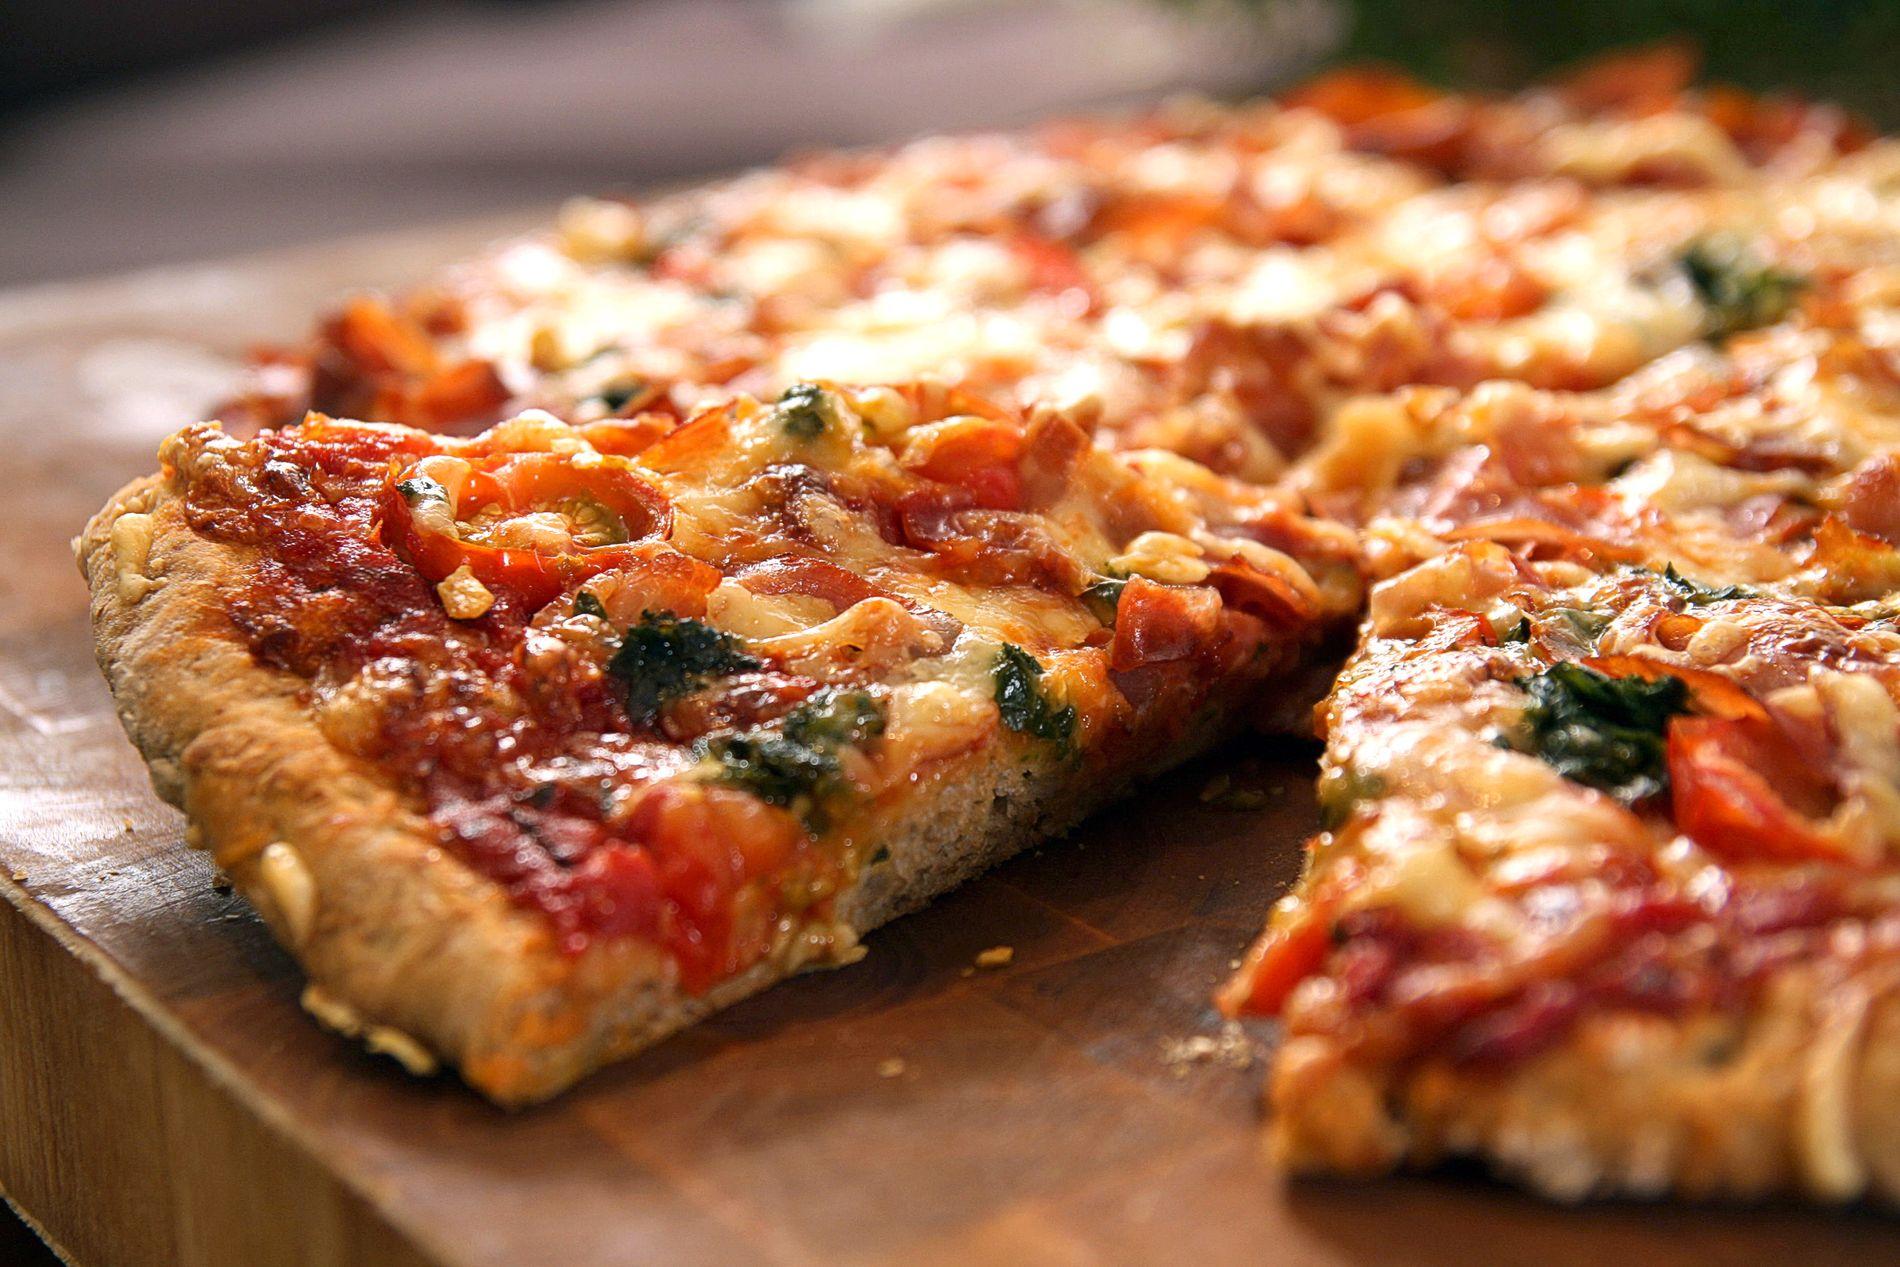 FEIL: Å bestille pizza på fransk kan by på nye (ikke planlagte) smaksopplevelser.